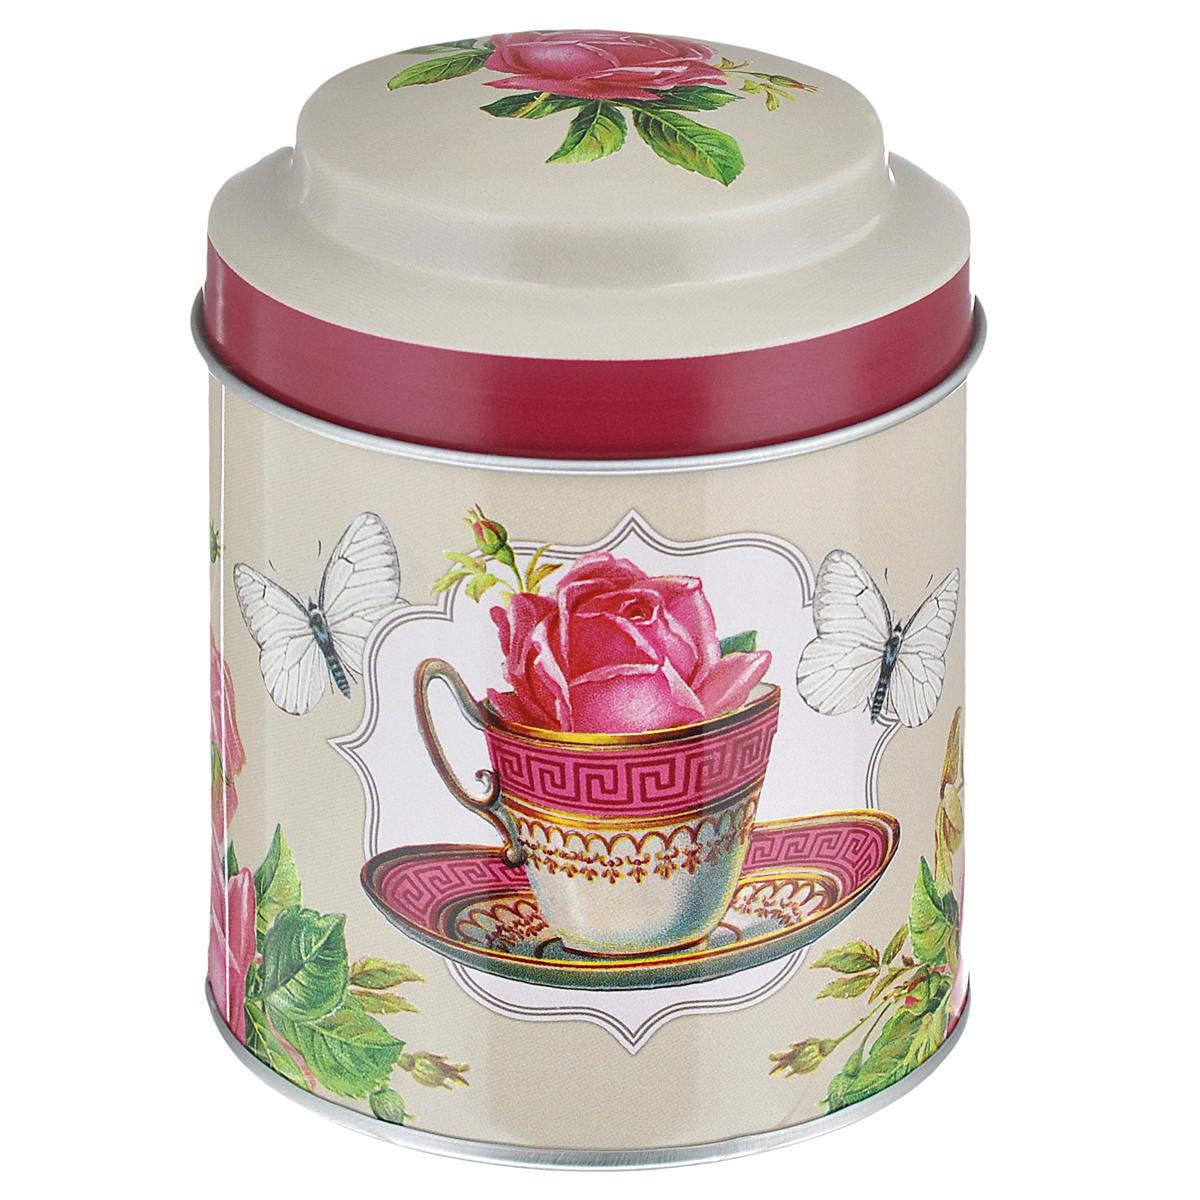 Банка для сыпучих продуктов Феникс-презент Чайная роза, 680 мл37645Банка для сыпучих продуктов Феникс-презент Чайная роза, изготовленная из окрашенного черного металла, оформлена ярким рисунком. Банка прекрасно подойдет для хранения различных сыпучих продуктов: специй, чая, кофе, сахара, круп и многого другого. Емкость плотно закрывается крышкой. Благодаря этому она будет дольше сохранять свежесть ваших продуктов. Функциональная и вместительная, такая банка станет незаменимым аксессуаром на любой кухне. Нельзя мыть в посудомоечной машине. Объем банки: 680 мл. Высота банки (без учета крышки): 10 см. Диаметр банки (по верхнему краю): 9 см.